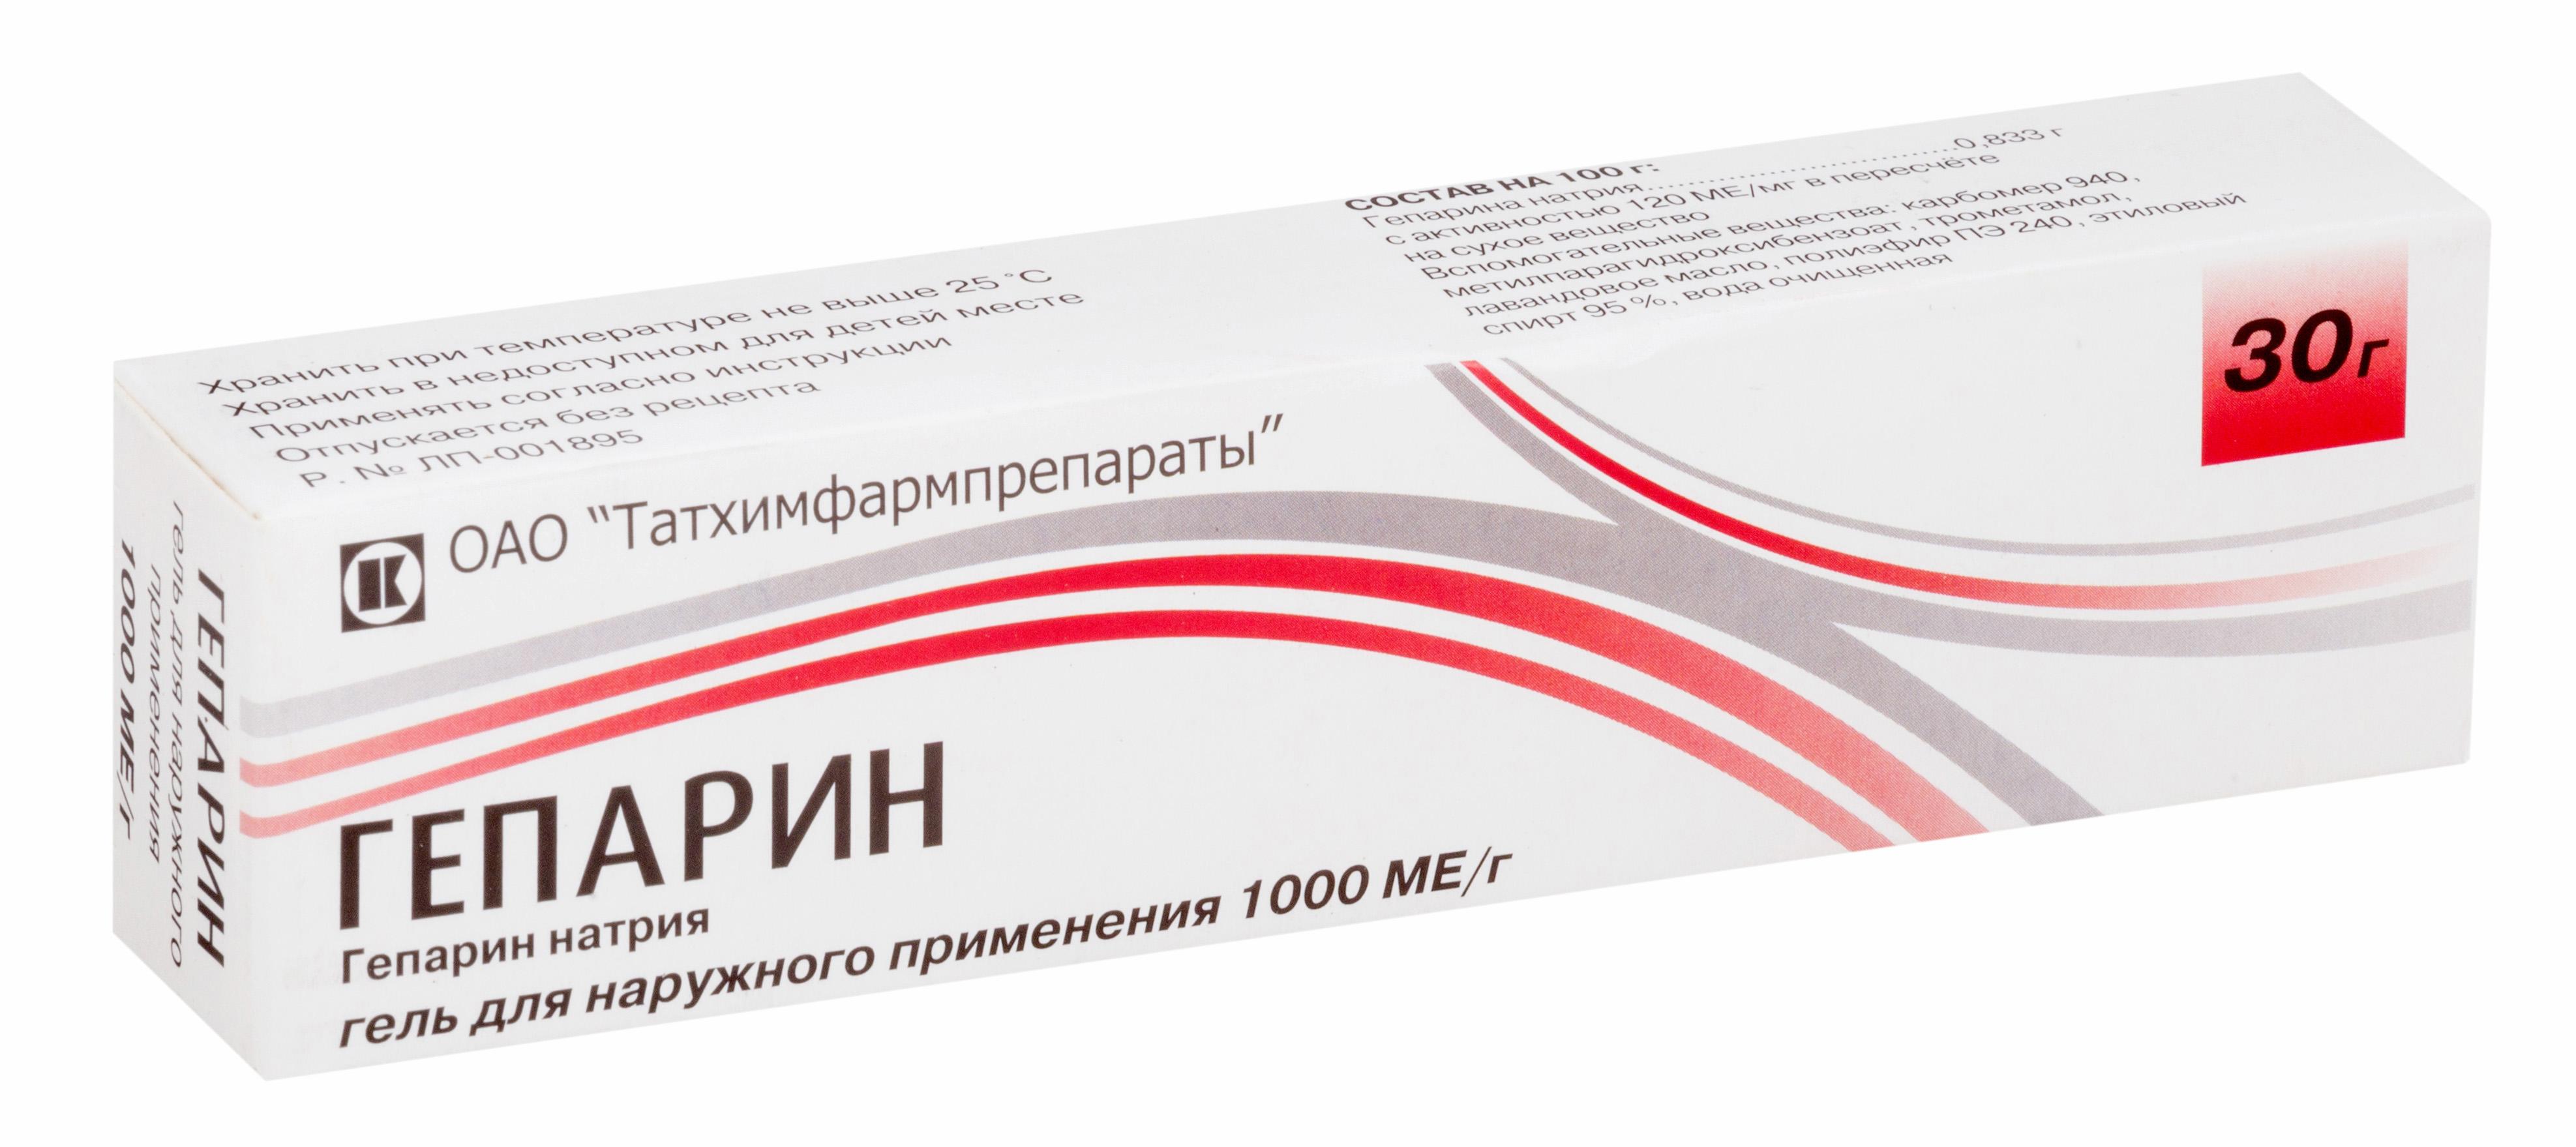 Гепарин гель д/нар. прим. 1000ме/г туба 30г